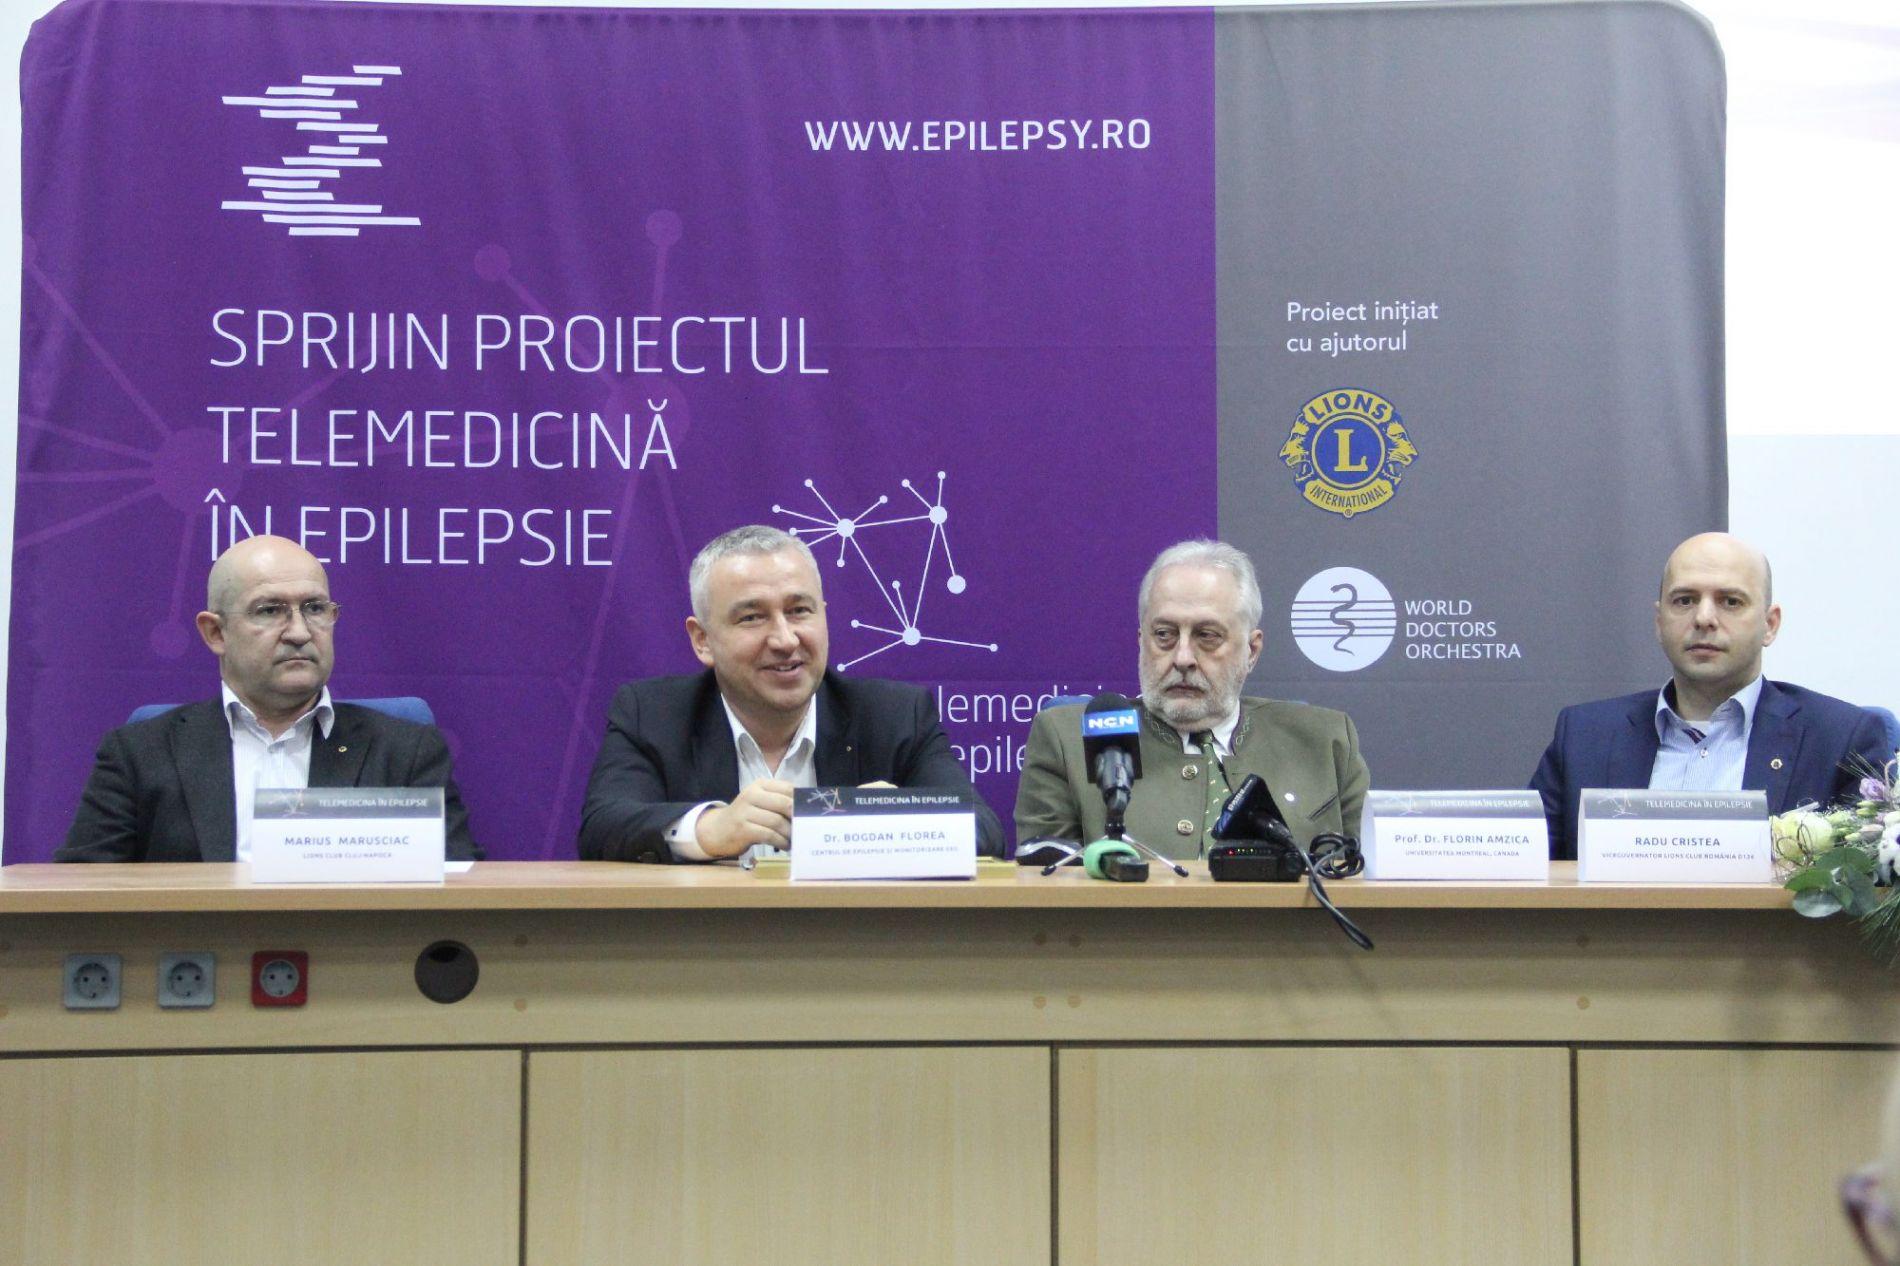 Lansarea Sistemului de Telemedicină în Epilepsie în România